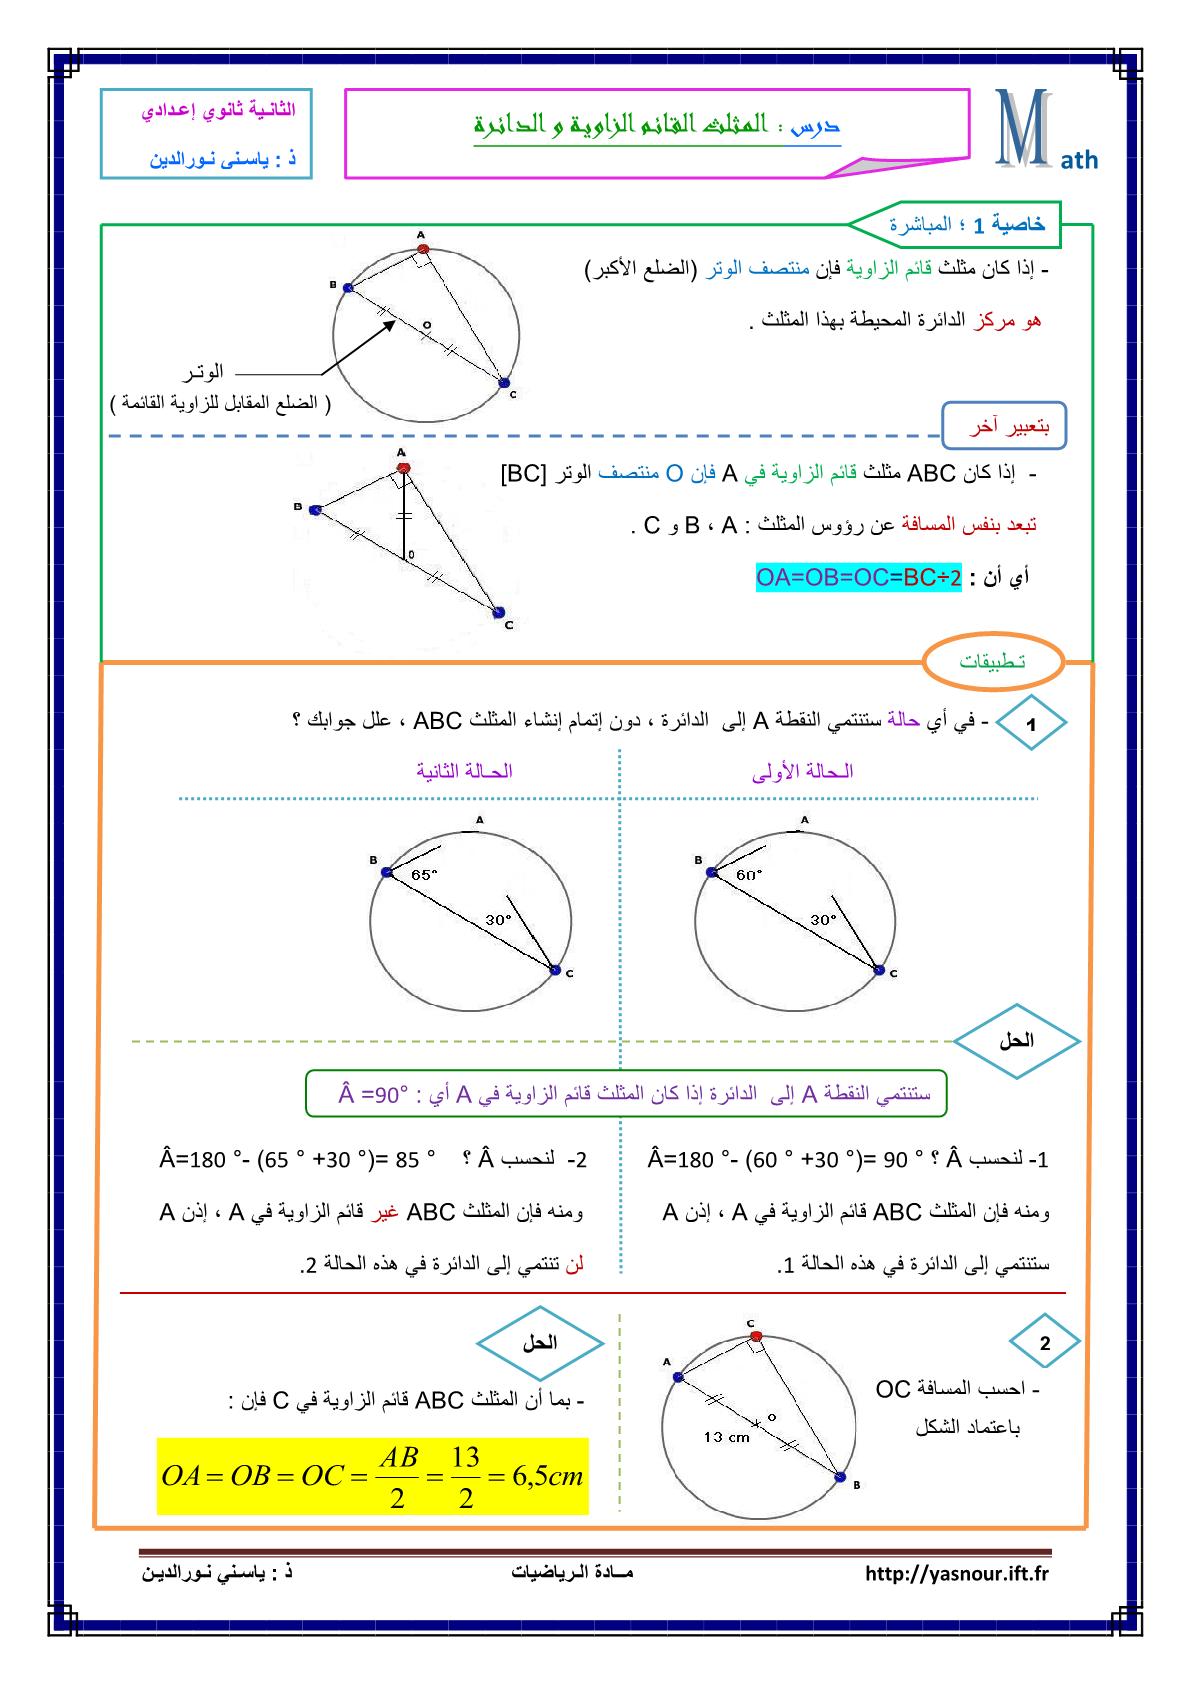 درس المثلث القائم الزاوية والدائرة السنة الثانية اعدادي مادة الرياضيات